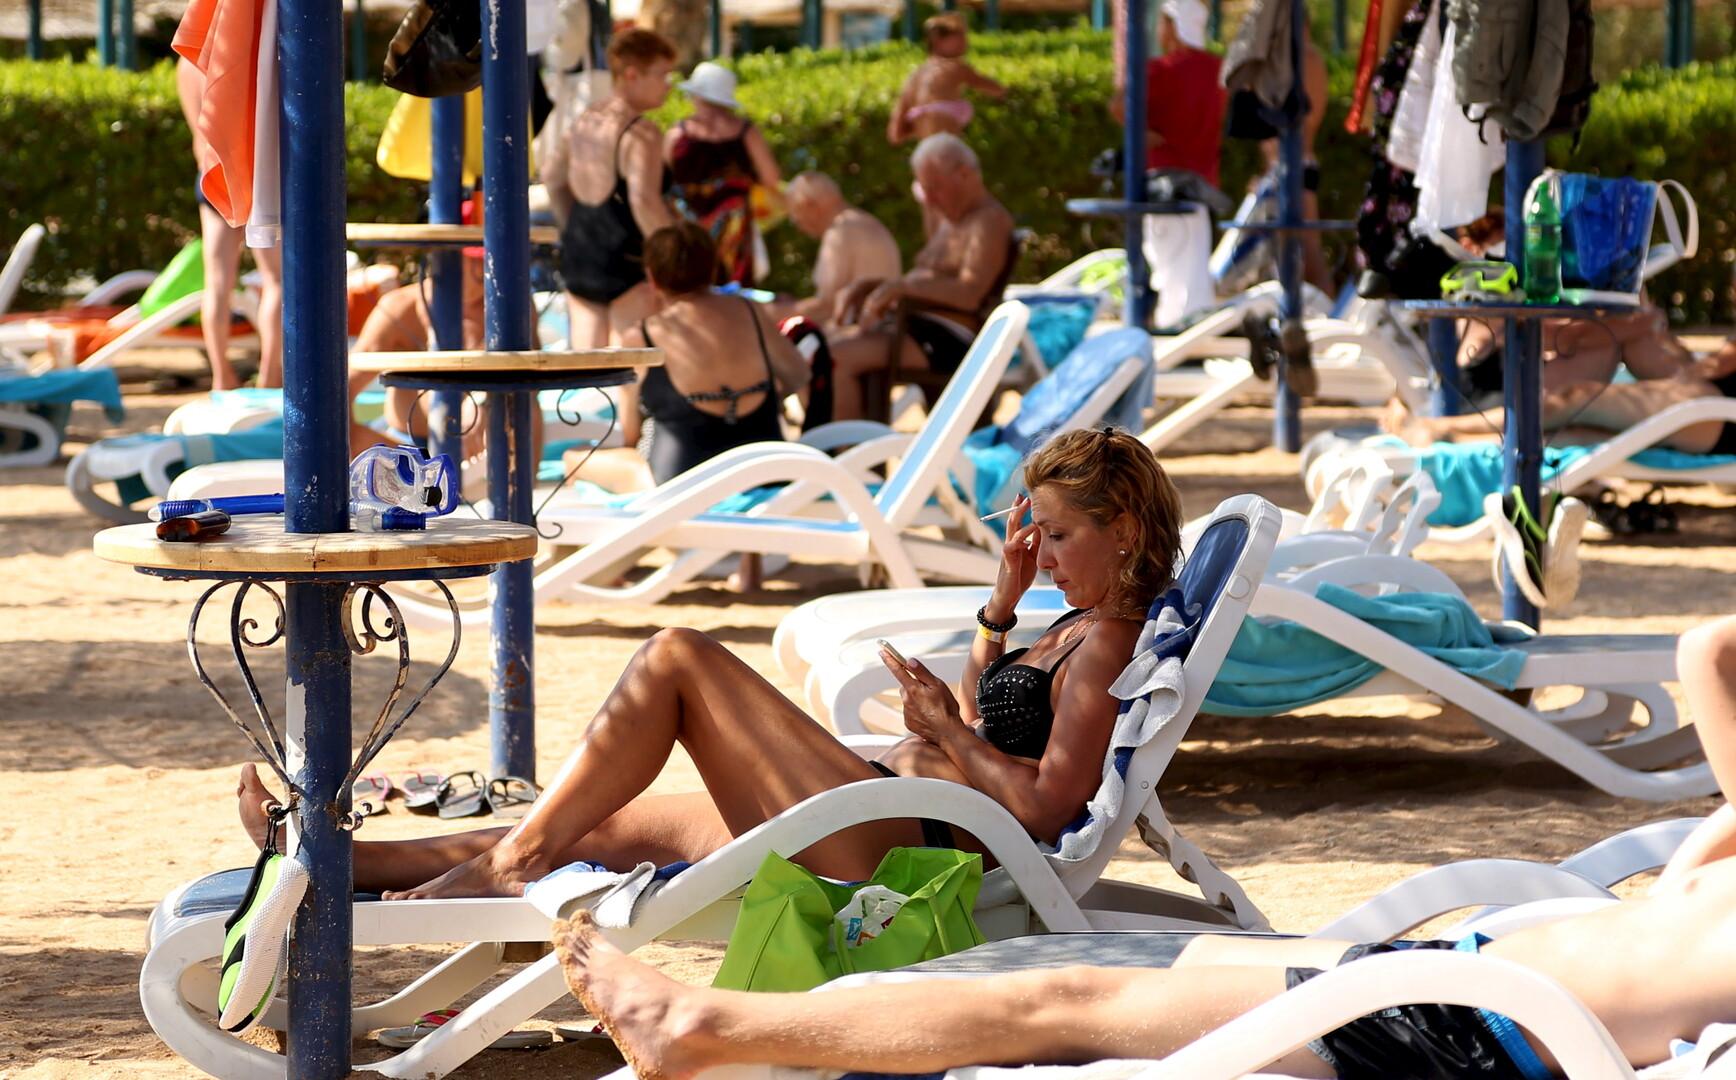 إيرادات السياحة تصل لمستويات غير مسبوقة في مصر